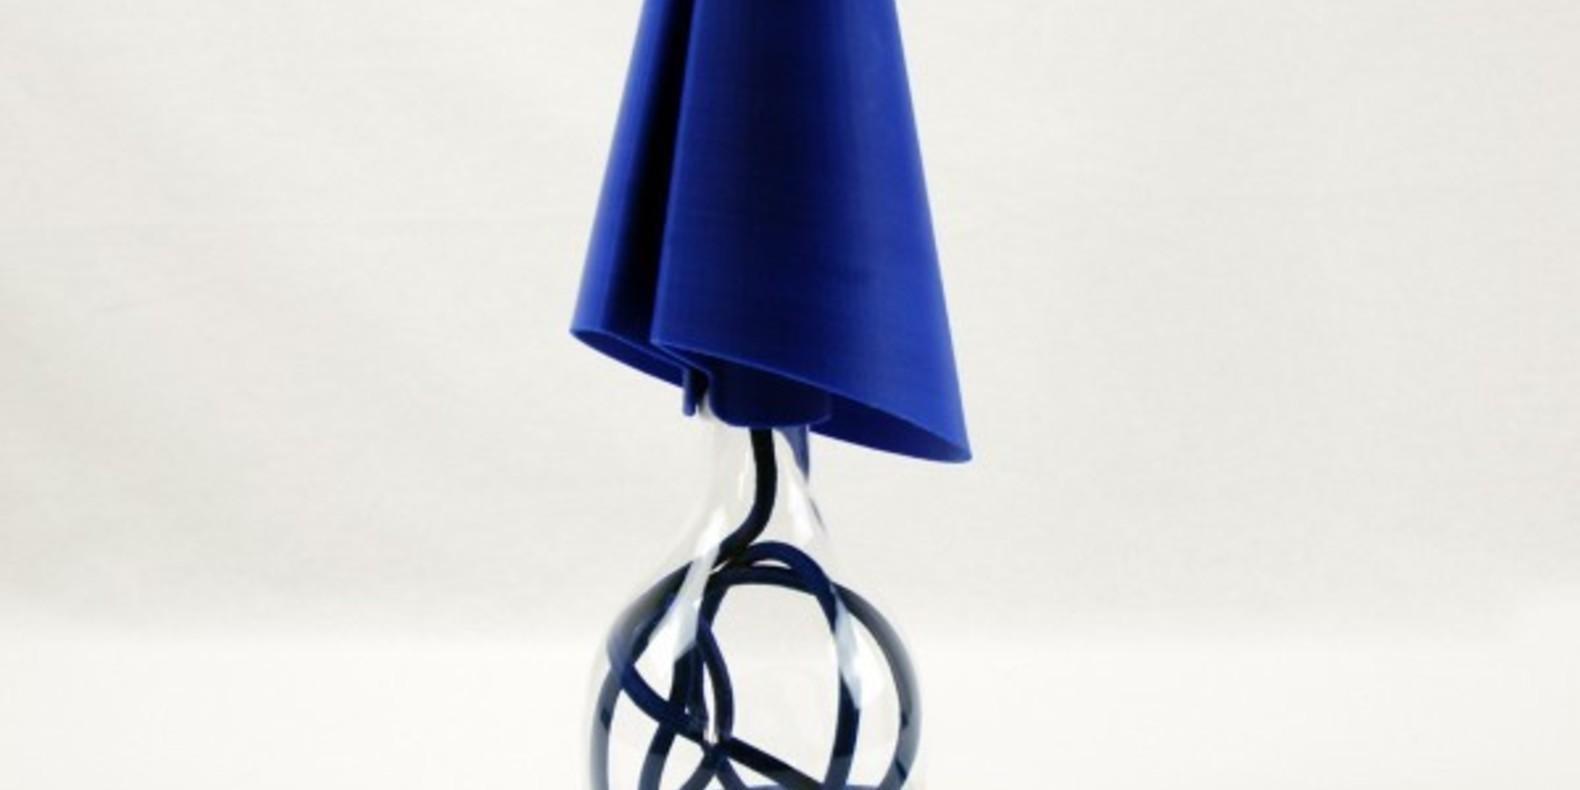 Un abat-jour imprimé en 3D pour les lampes IKEA